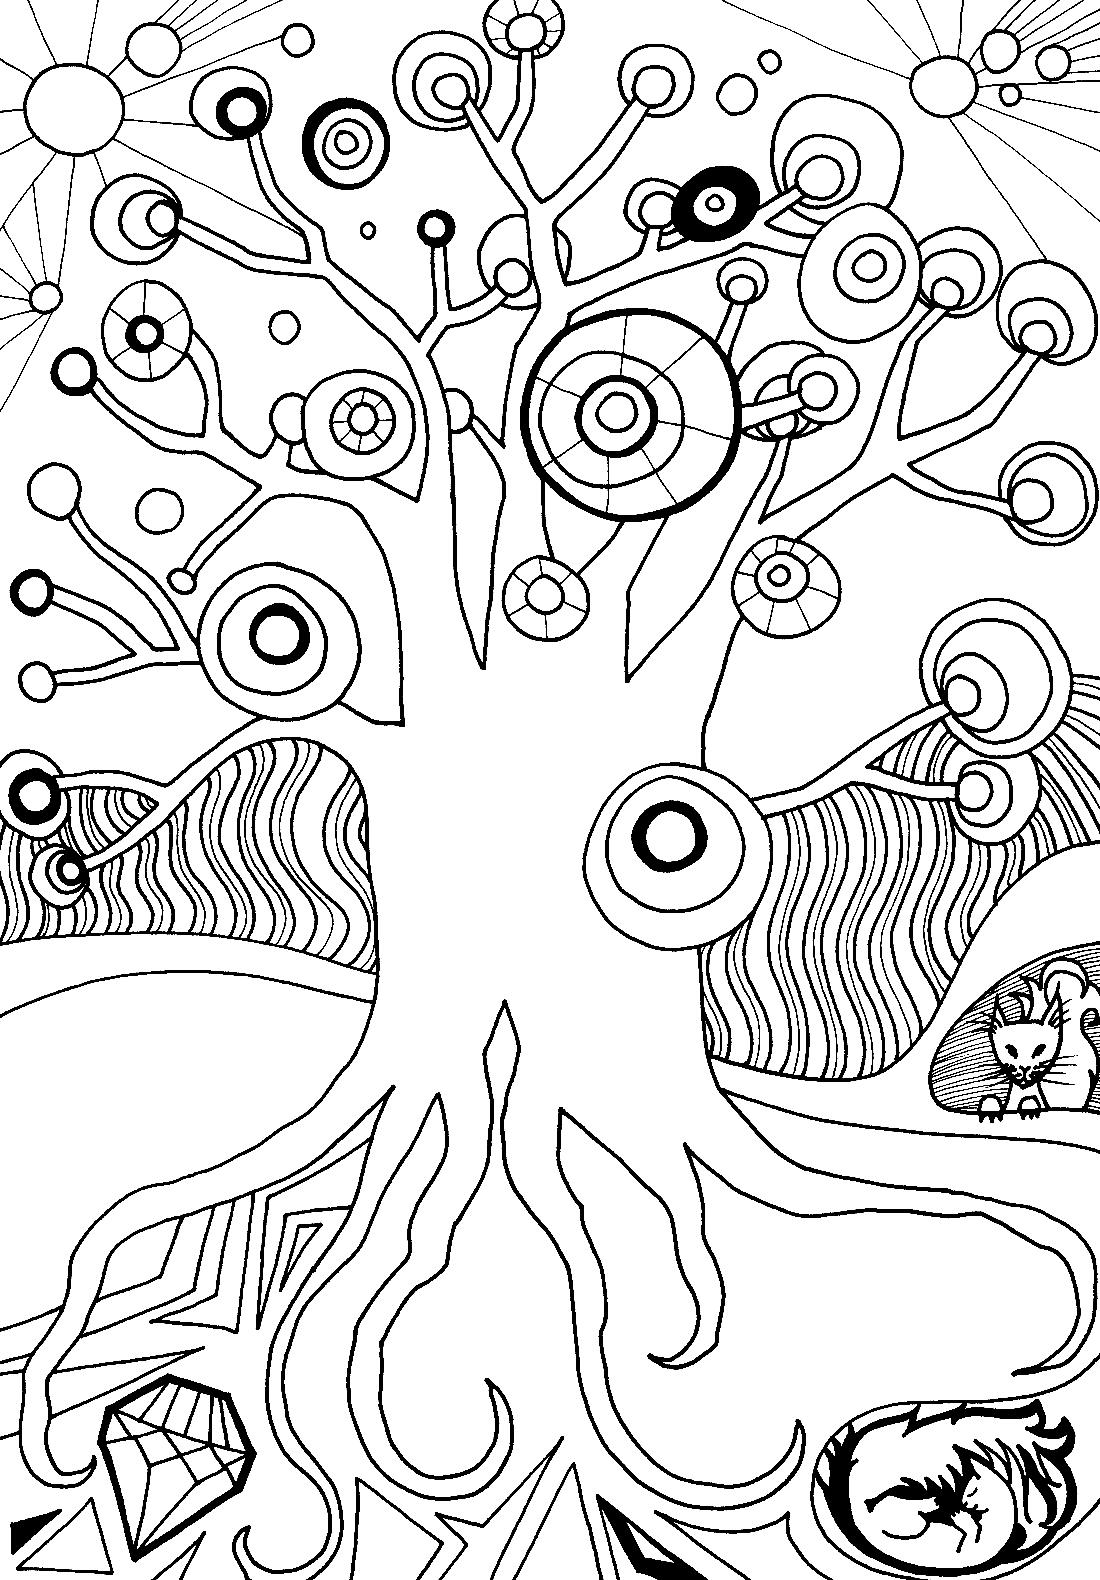 картинки чудо дерева карандашом обоях весьма